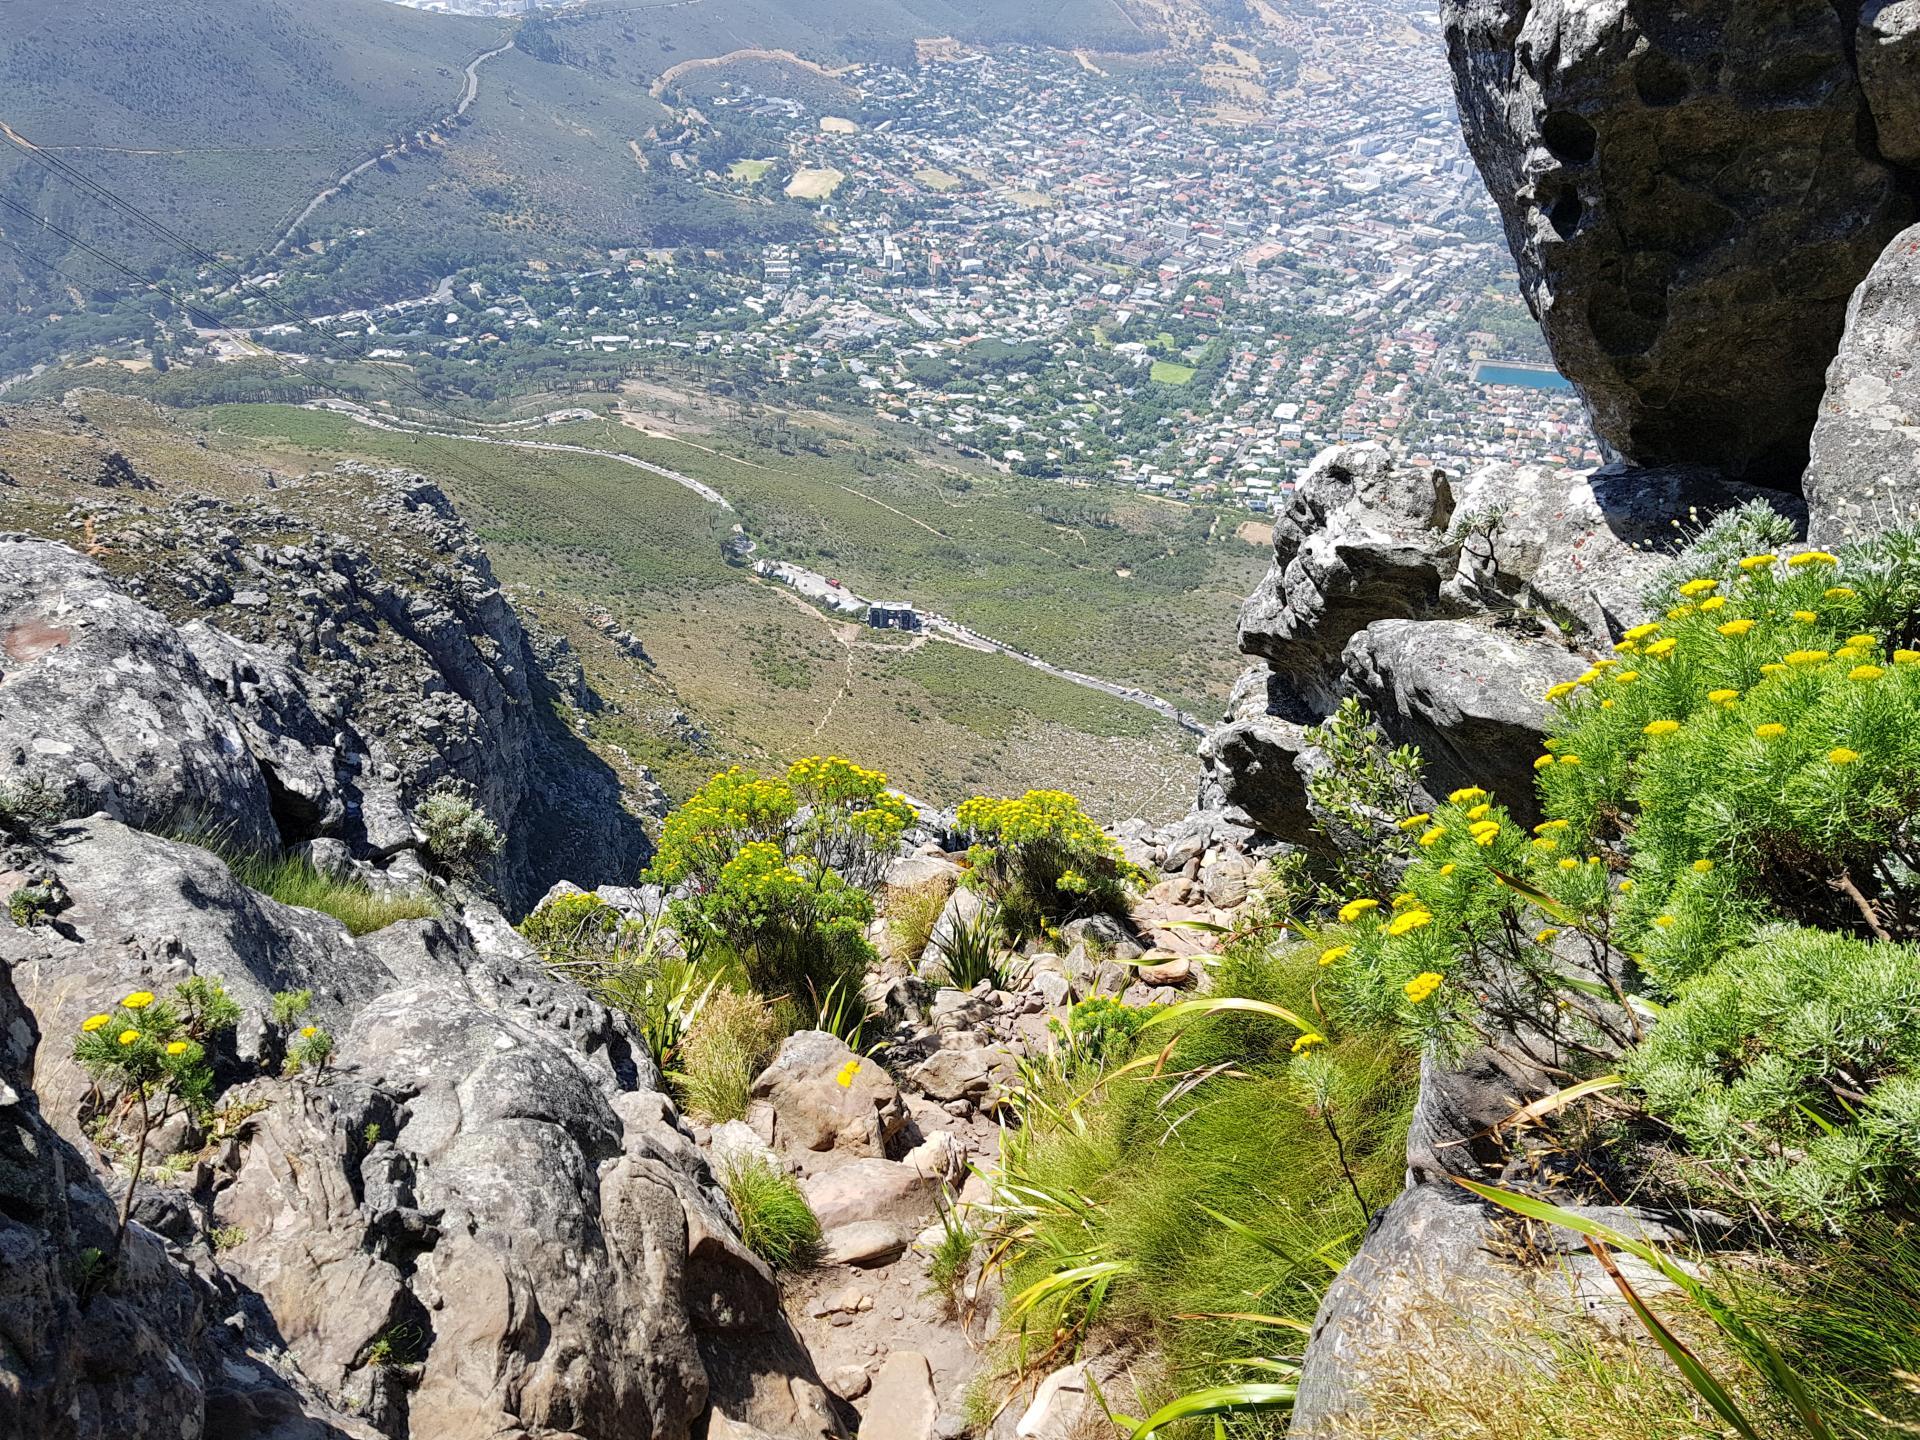 нижняя будка фуникулера Столовой горы